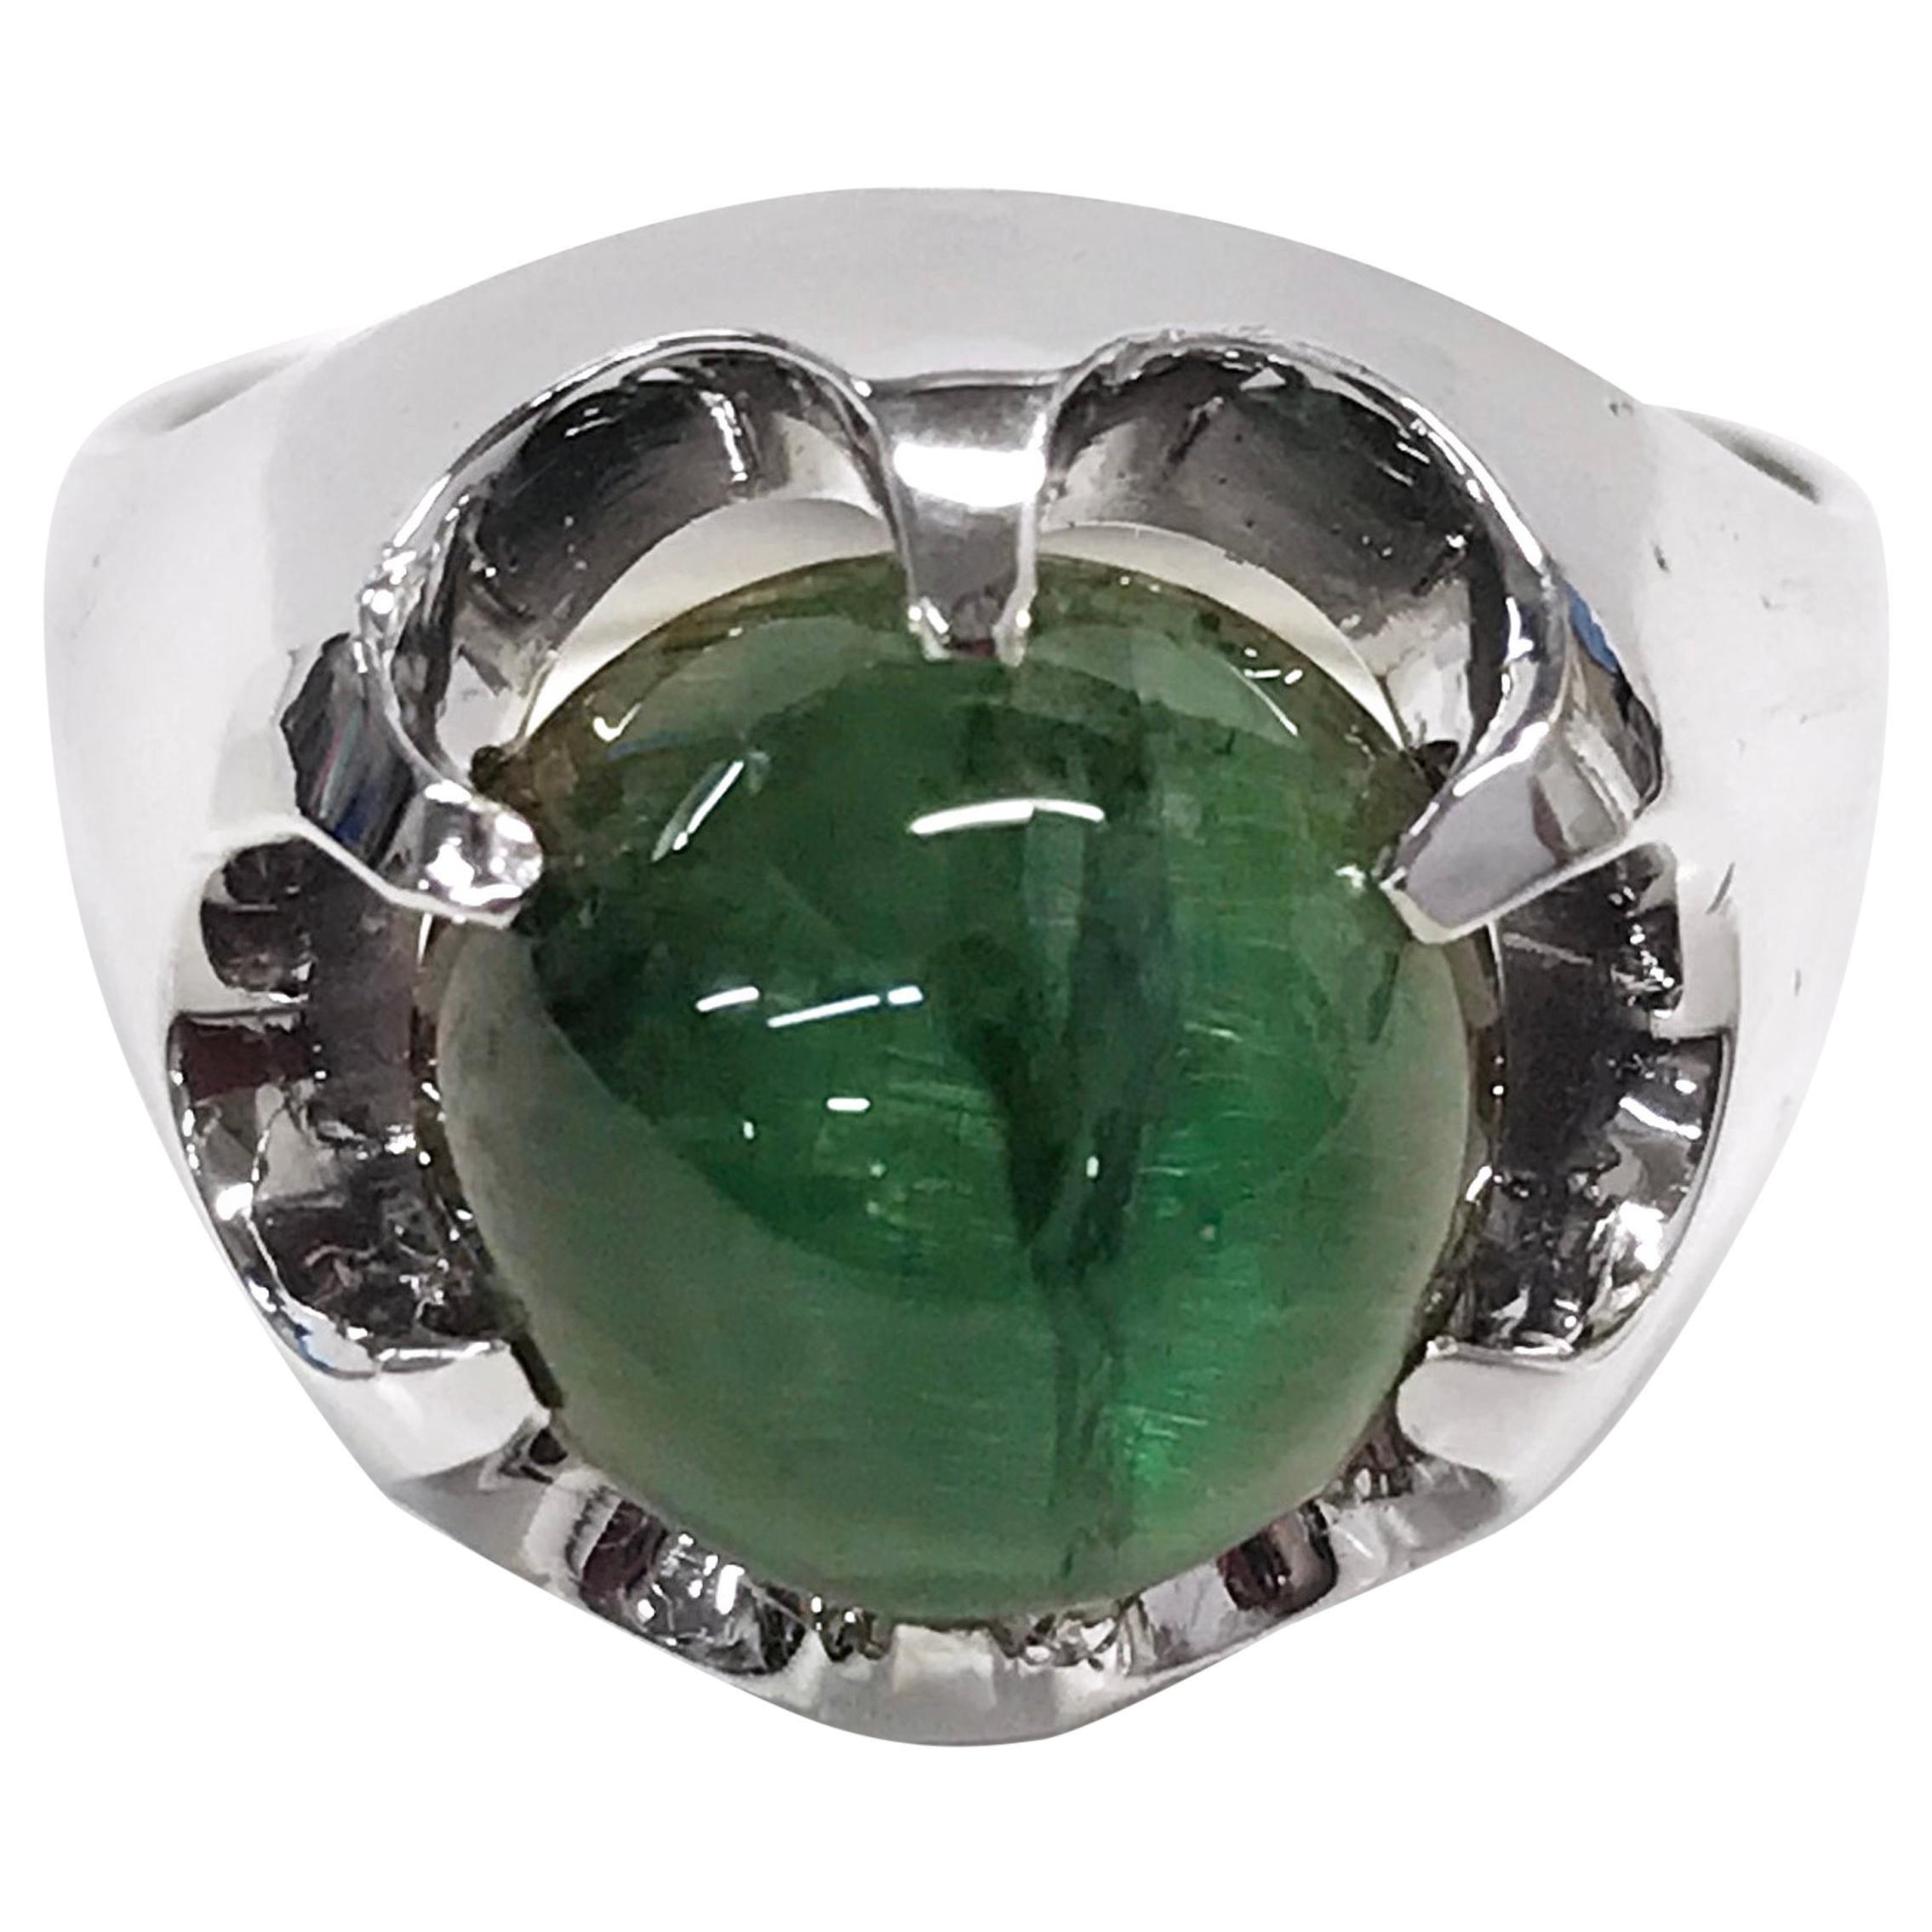 14 Karat Green Cat's Eye Tourmaline Cocktail Ring